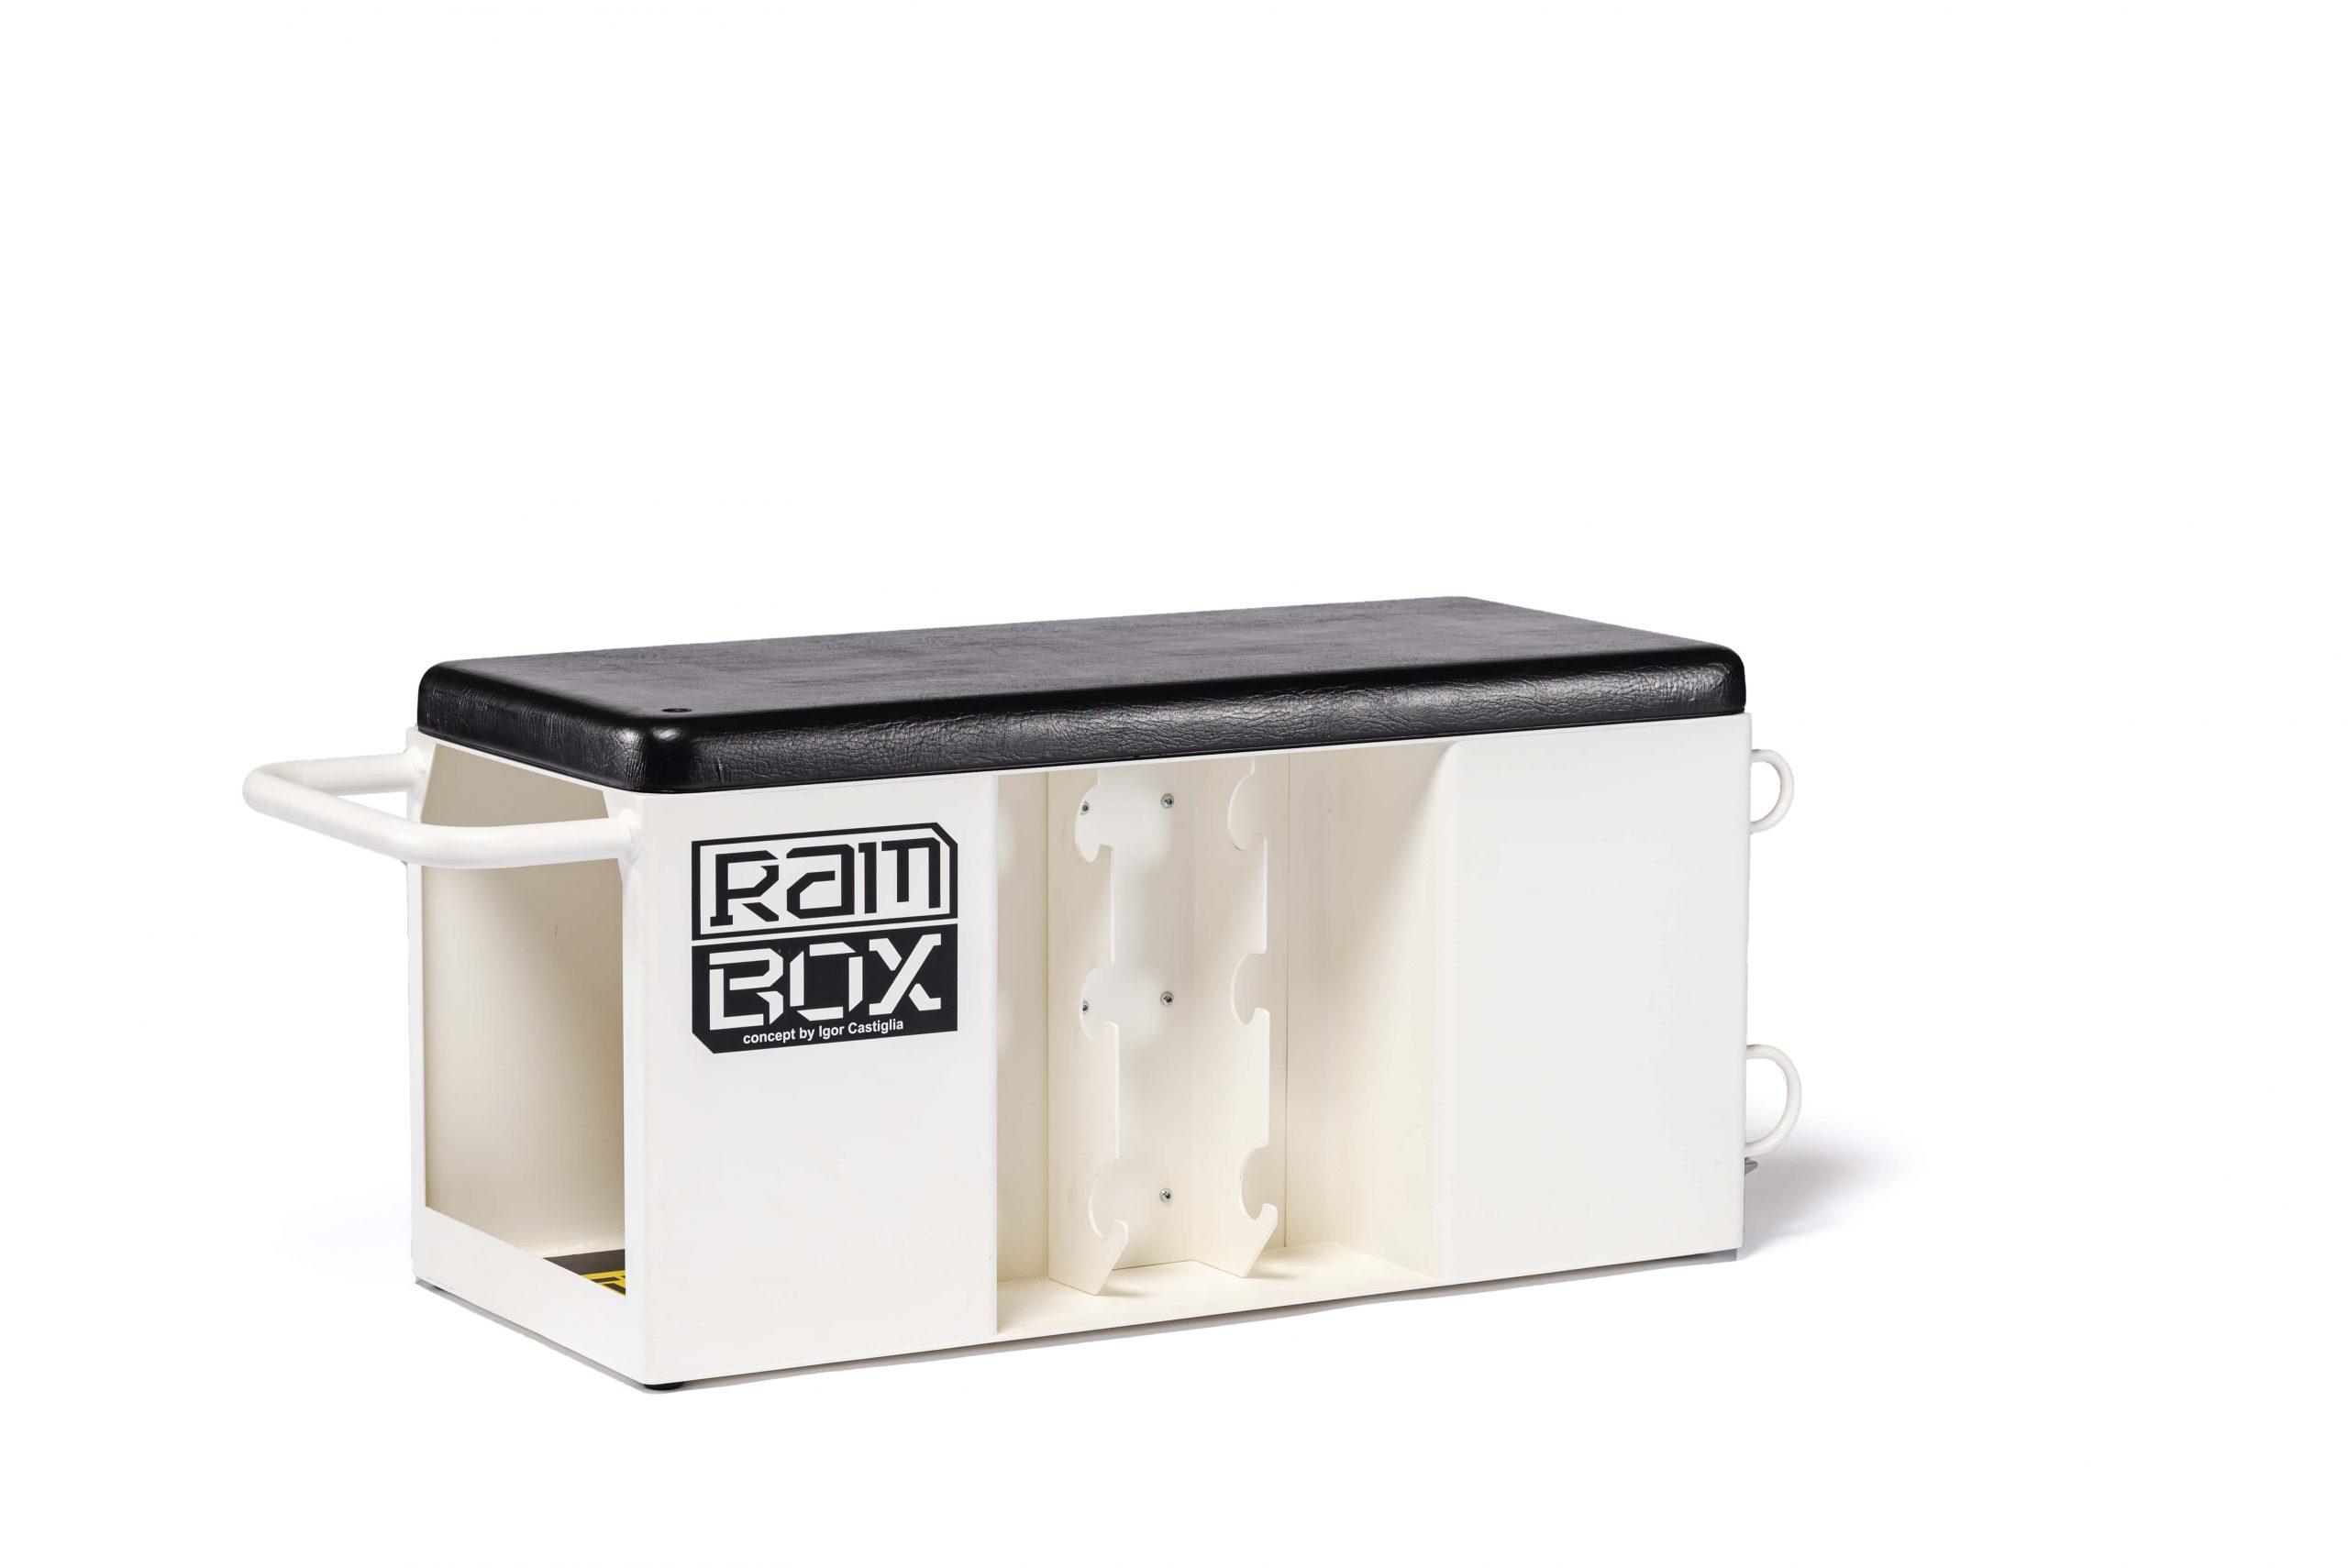 RamBOX Colorato Bianco